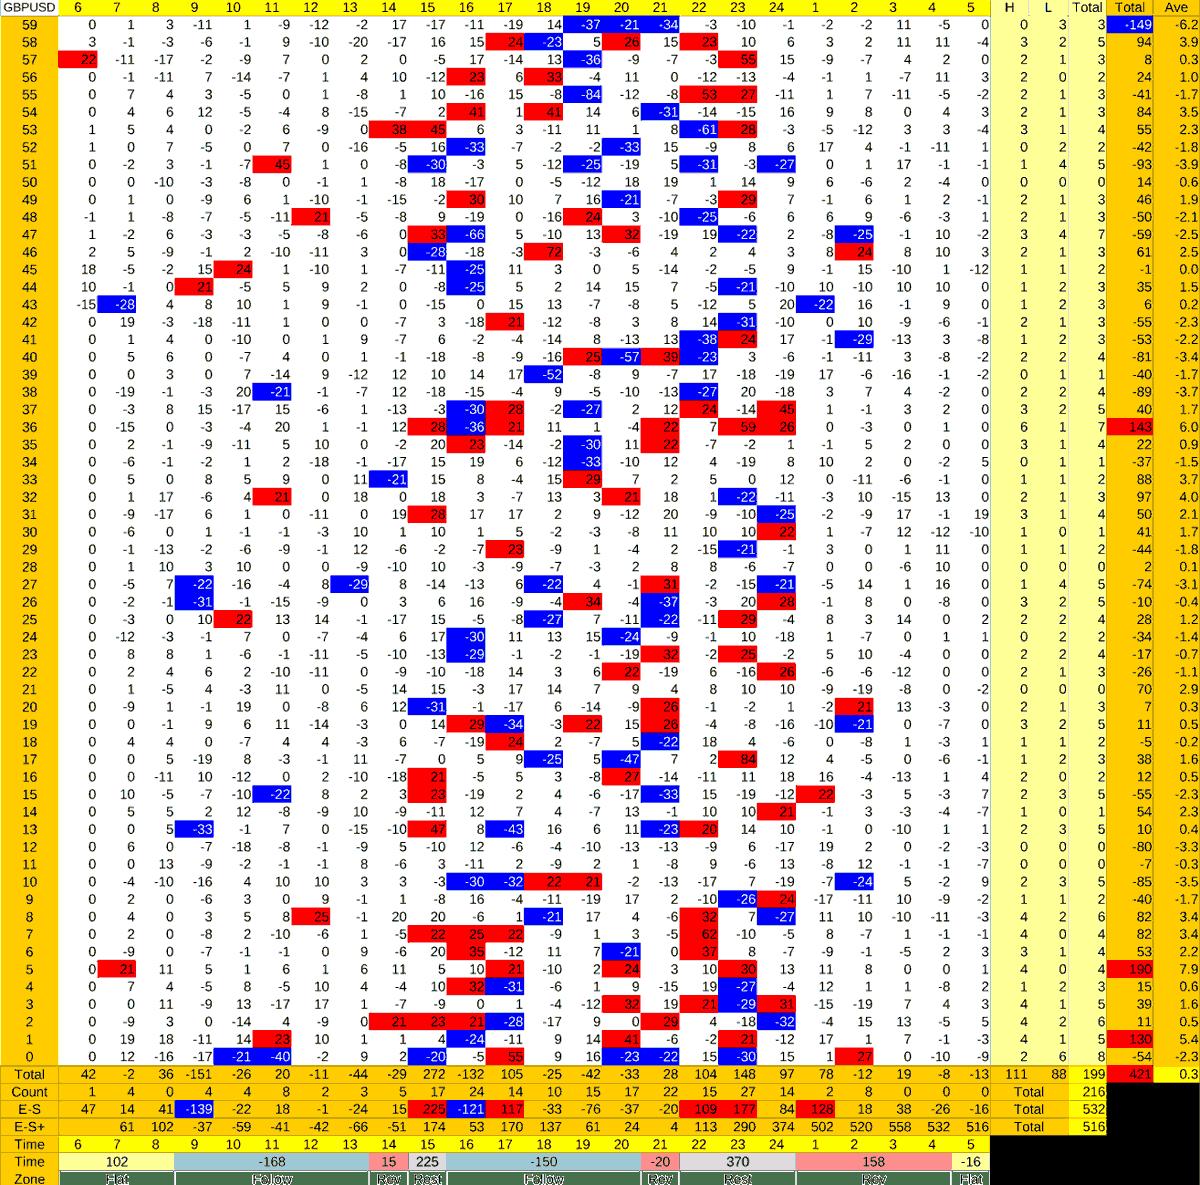 20210517_HS(2)GBPUSD